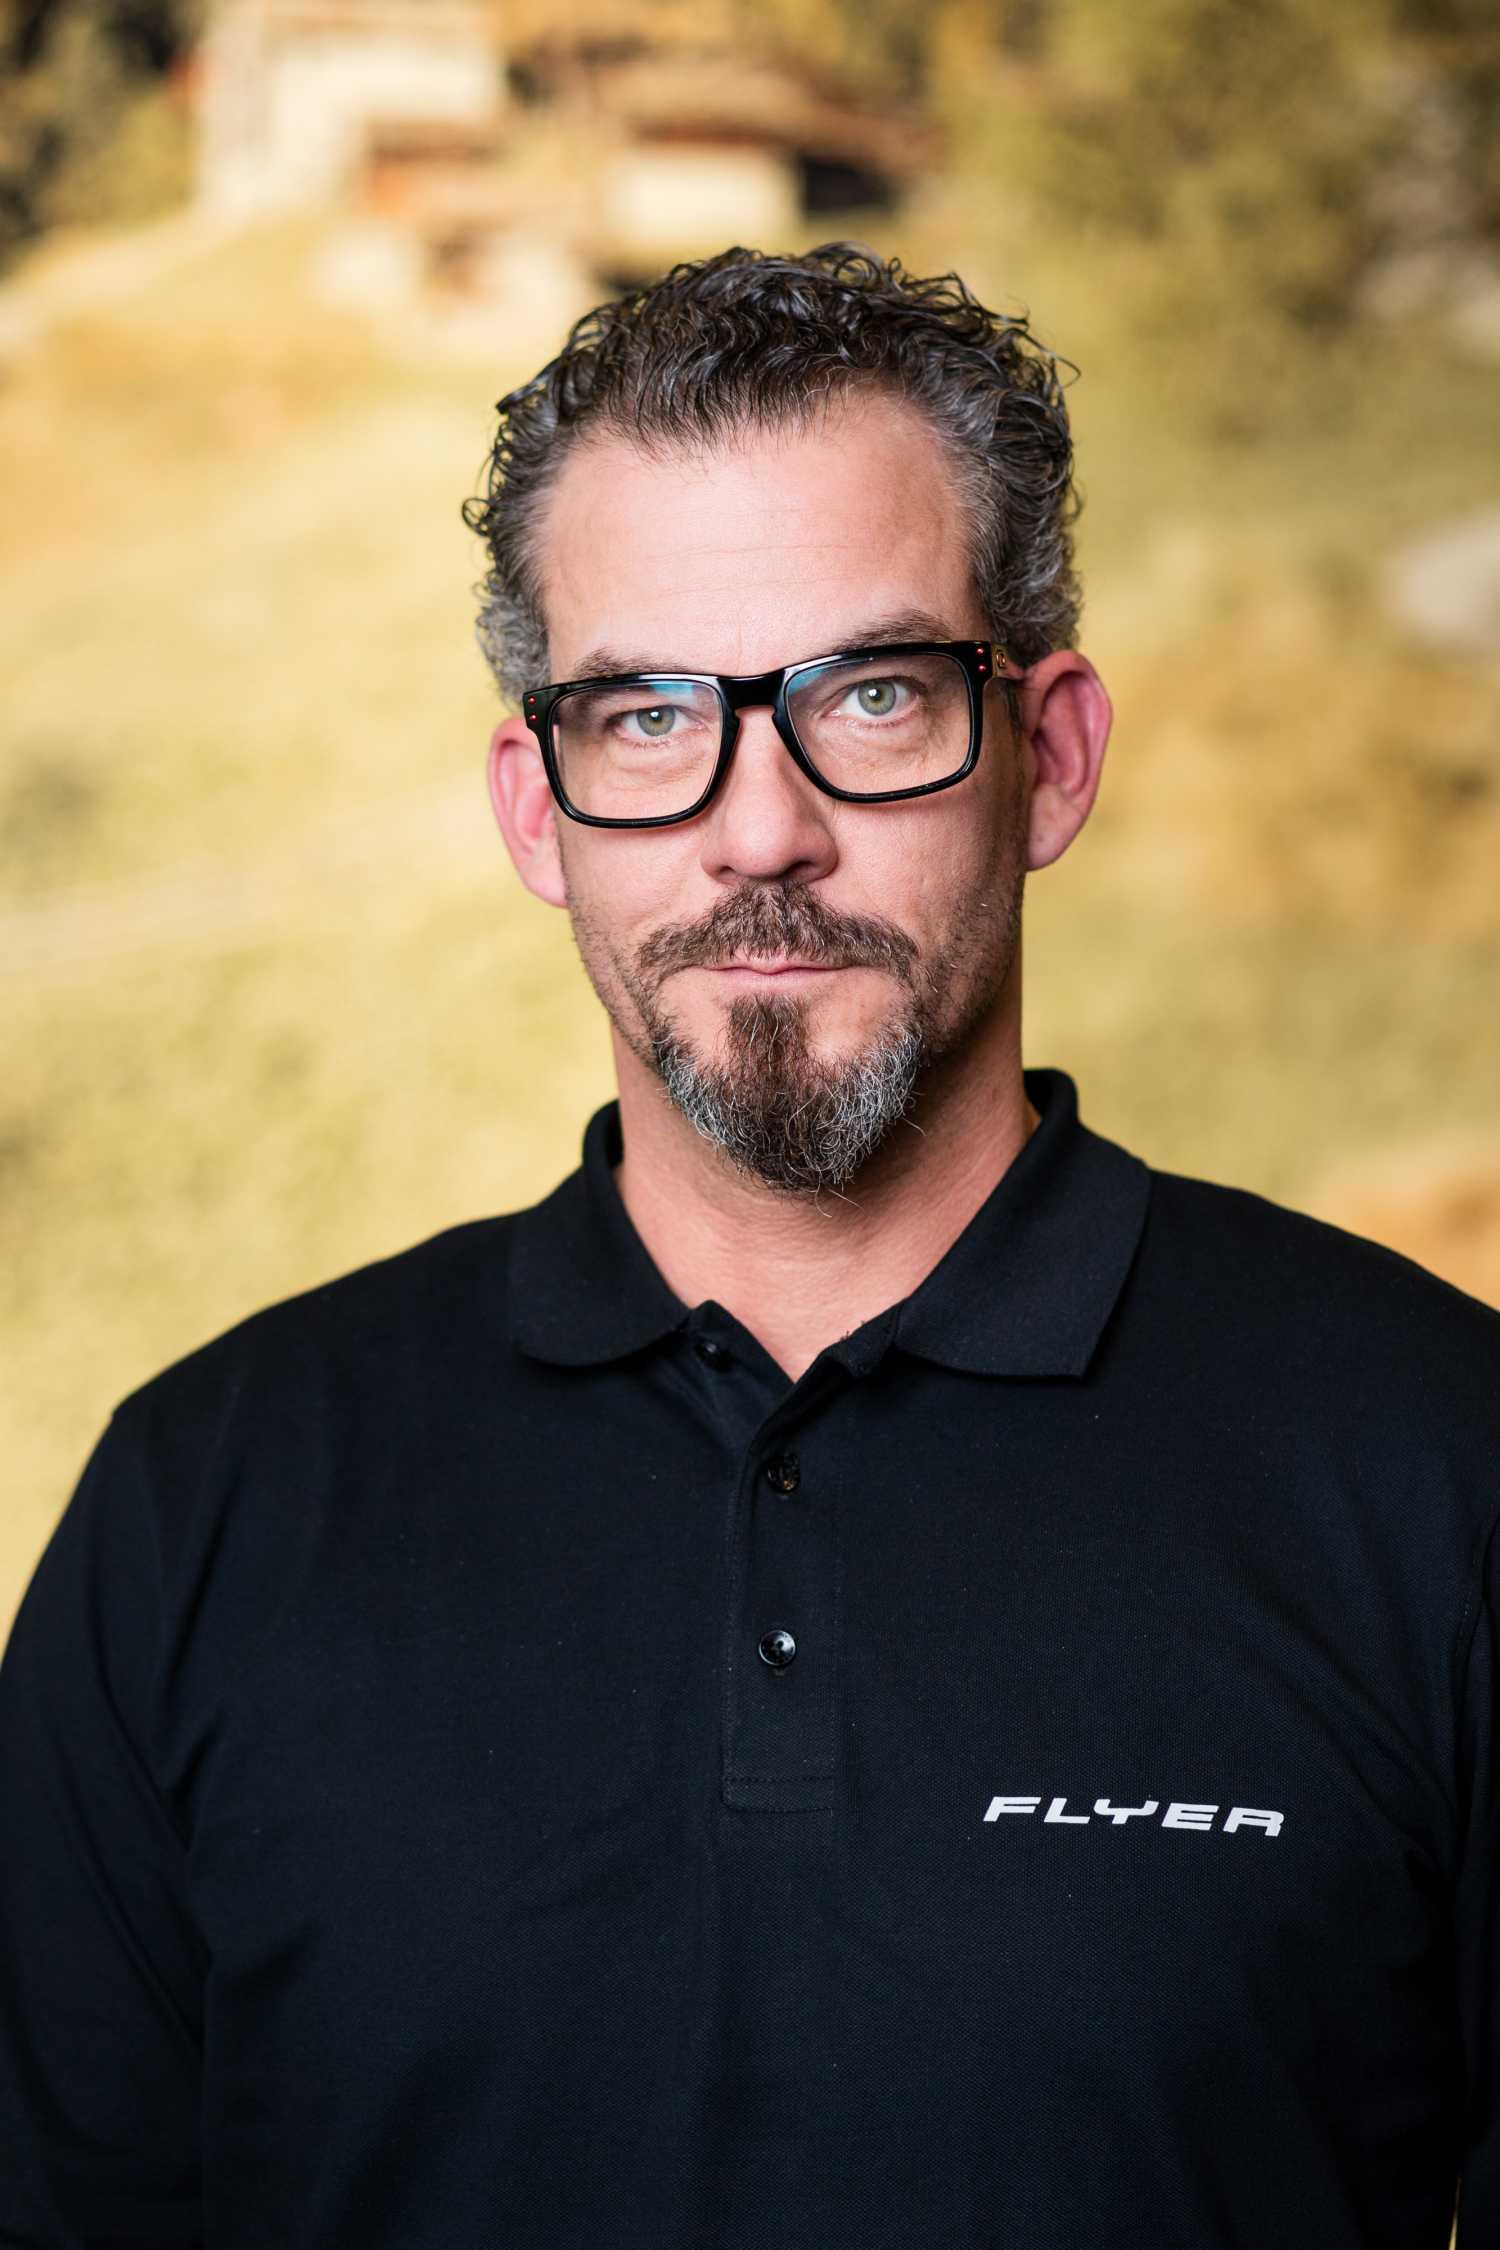 Tim Türner